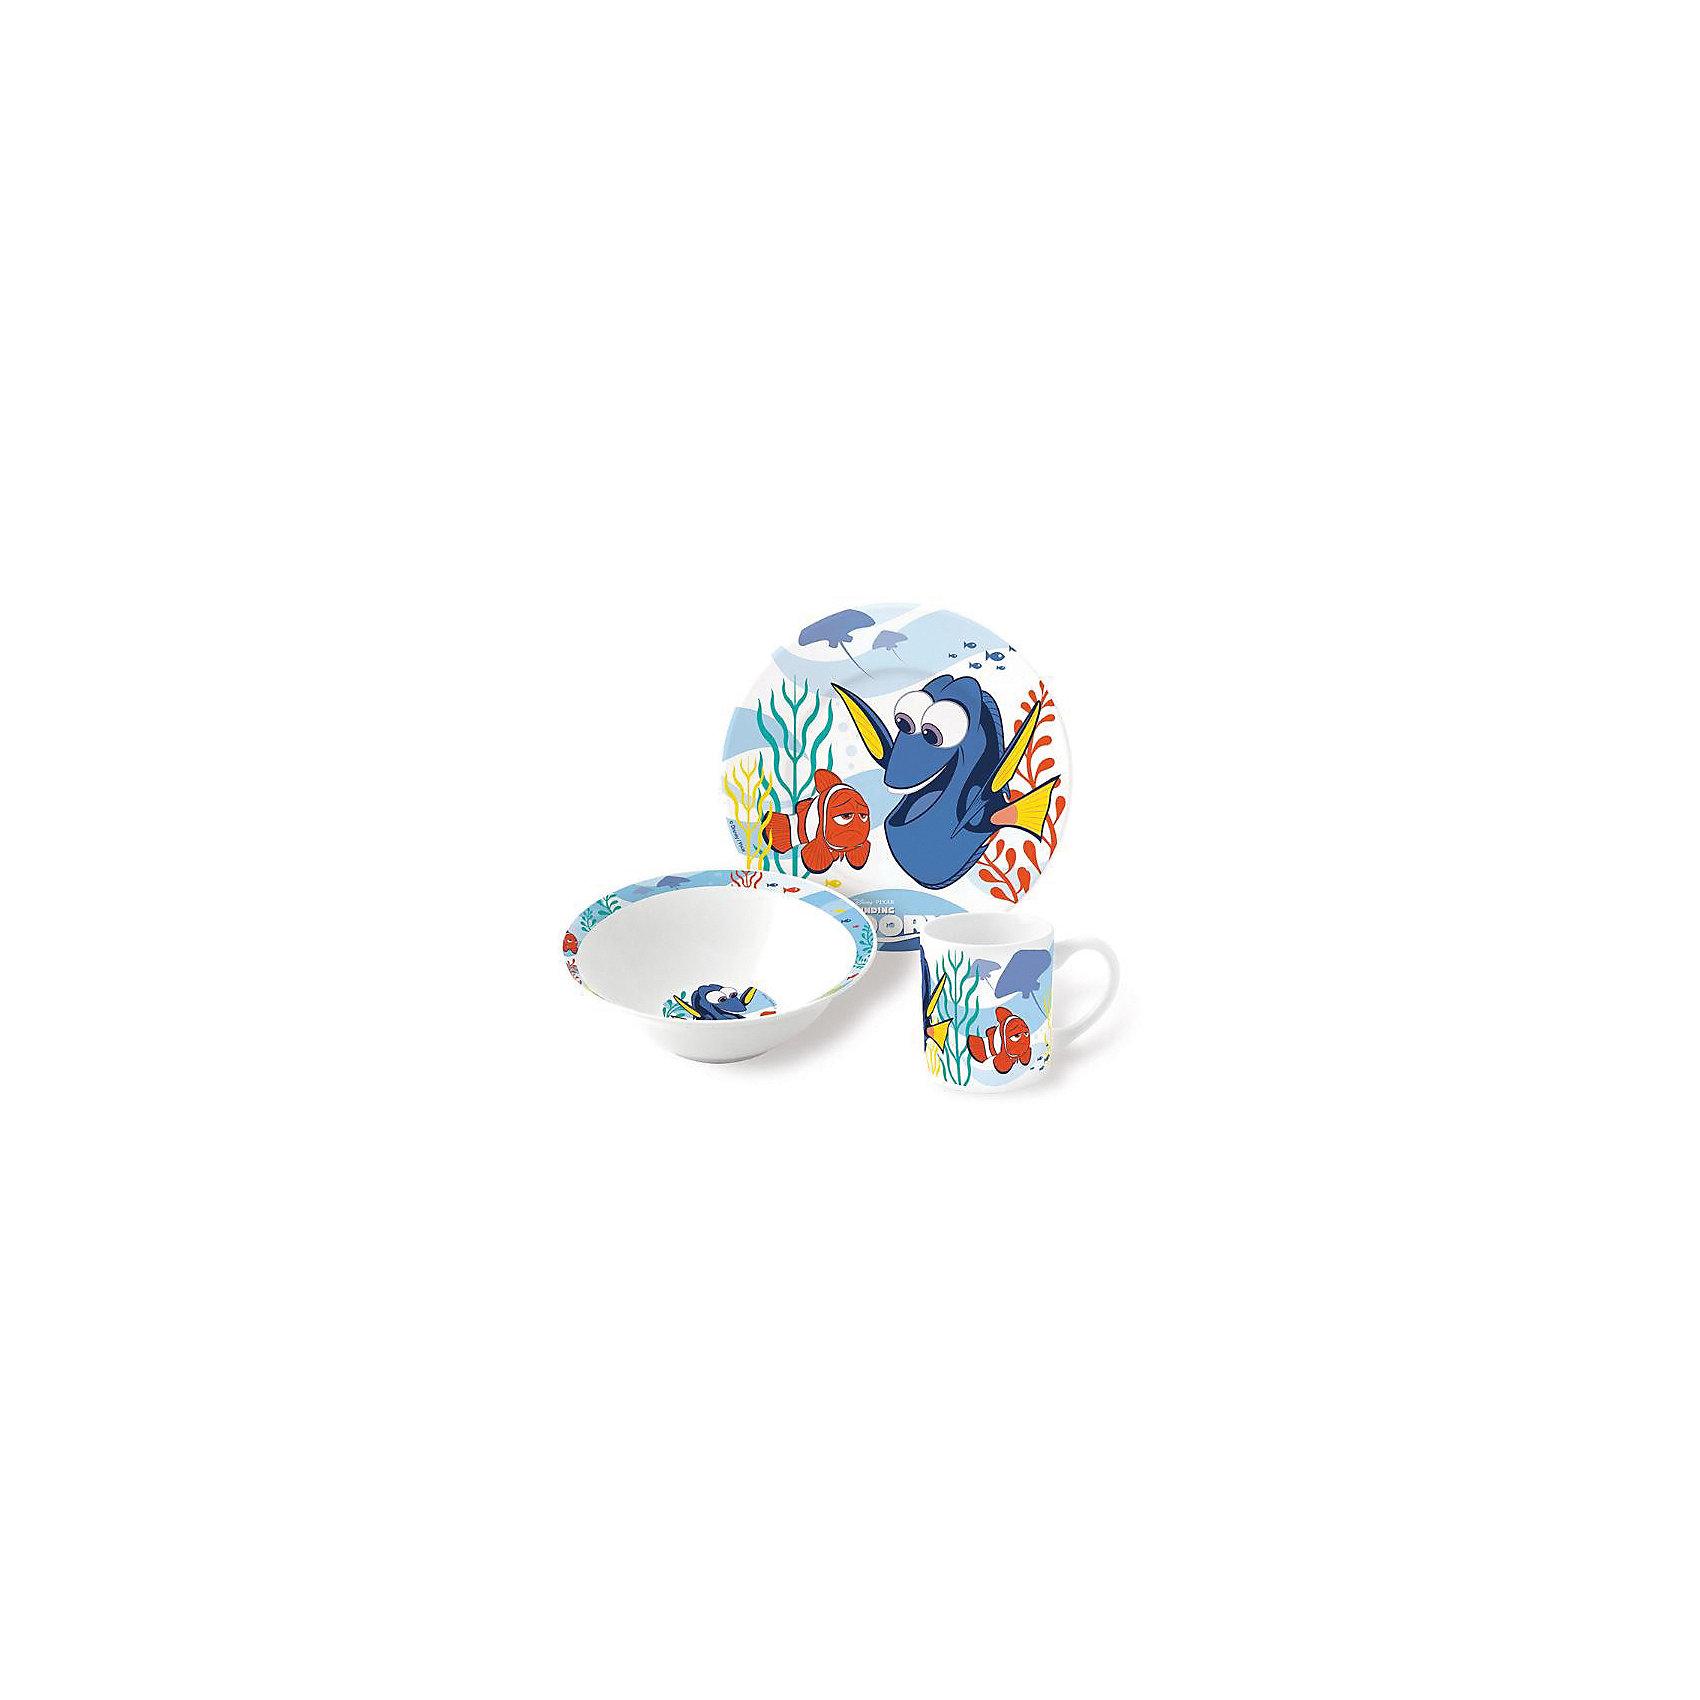 Набор керамической посуды В поисках Дори (3 предмета)Набор керамической посуды В поисках Дори (3 предмета) – прием пищи с любимыми героями.<br>Красочный набор посуды с известными героями понравится ребенку с первого взгляда. Сервиз сделан из крепкой керамики, поэтому он безопасен для детей. Его можно мыть в посудомоечной машине или разогревать в микроволновке. Состоит набор из двух тарелок (для супа и второго) и объемной кружки. Подойдет для подарка, благодаря красивому оформлению. <br><br><br>Дополнительно:<br><br>- размер: тарелка – 19см, суповая тарелка – 18см, кружка – 210мл<br>- материал: керамика<br>- возраст: от 3 лет<br><br>Набор керамической посуды В поисках Дори (3 предмета) можно купить в нашем интернет магазине.<br><br>Ширина мм: 250<br>Глубина мм: 85<br>Высота мм: 200<br>Вес г: 973<br>Возраст от месяцев: 36<br>Возраст до месяцев: 120<br>Пол: Унисекс<br>Возраст: Детский<br>SKU: 4940679